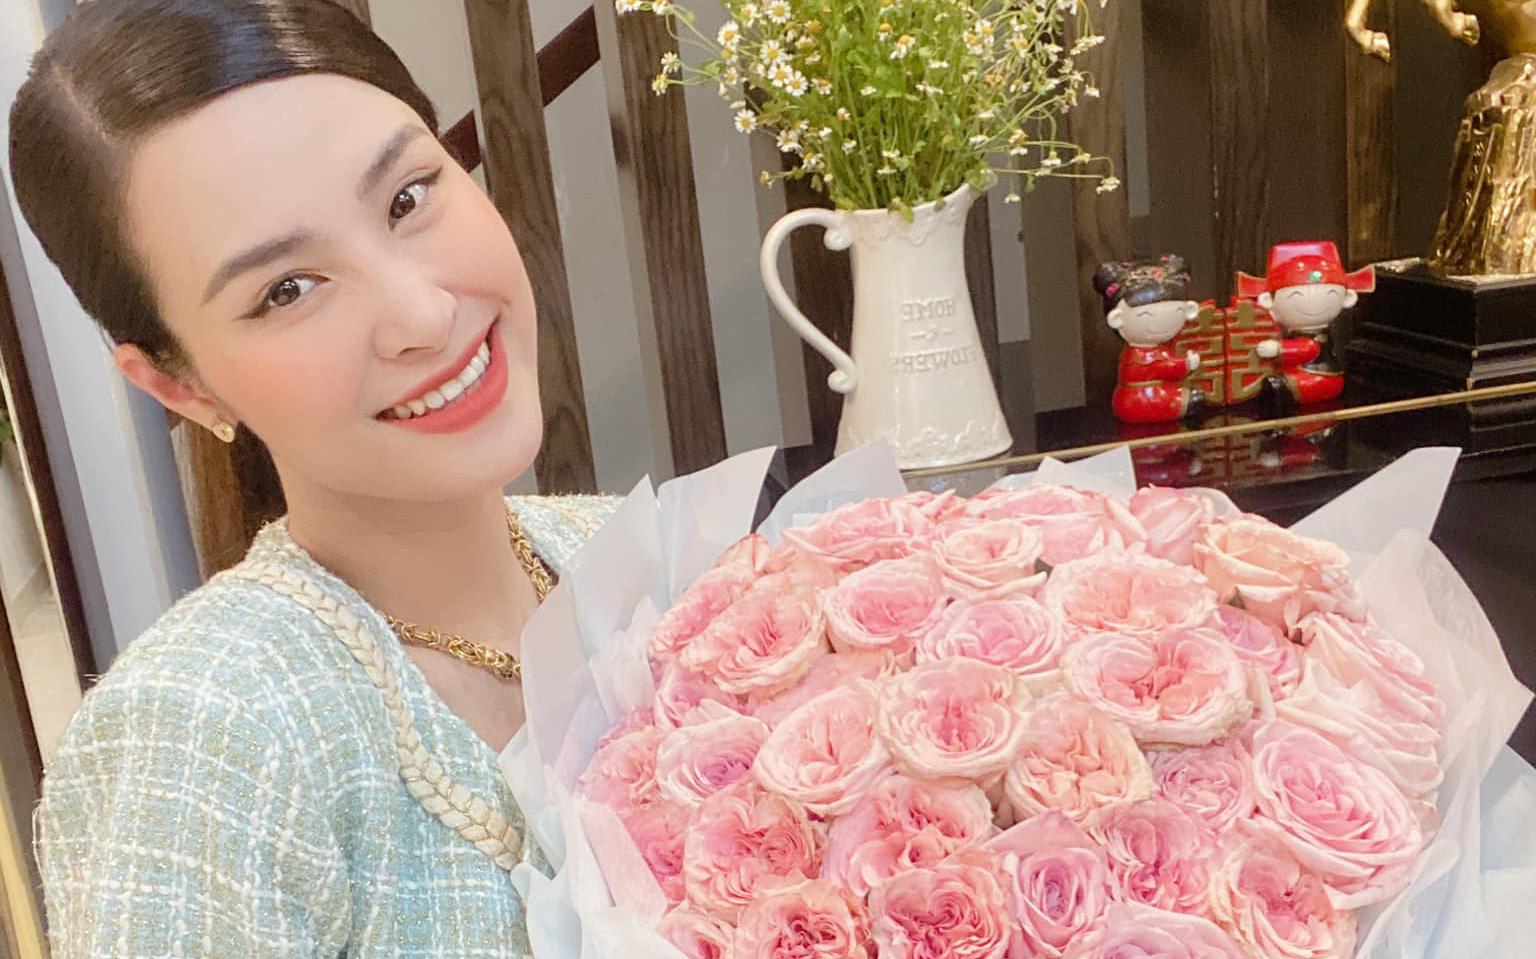 Đông Nhi lên đồ mừng kỷ niệm 12 năm bên Ông Cao Thắng: Sắc vóc mẹ bỉm xứng đáng 100 điểm, hơn thập kỷ gắn bó mà lãng mạn phát ghen